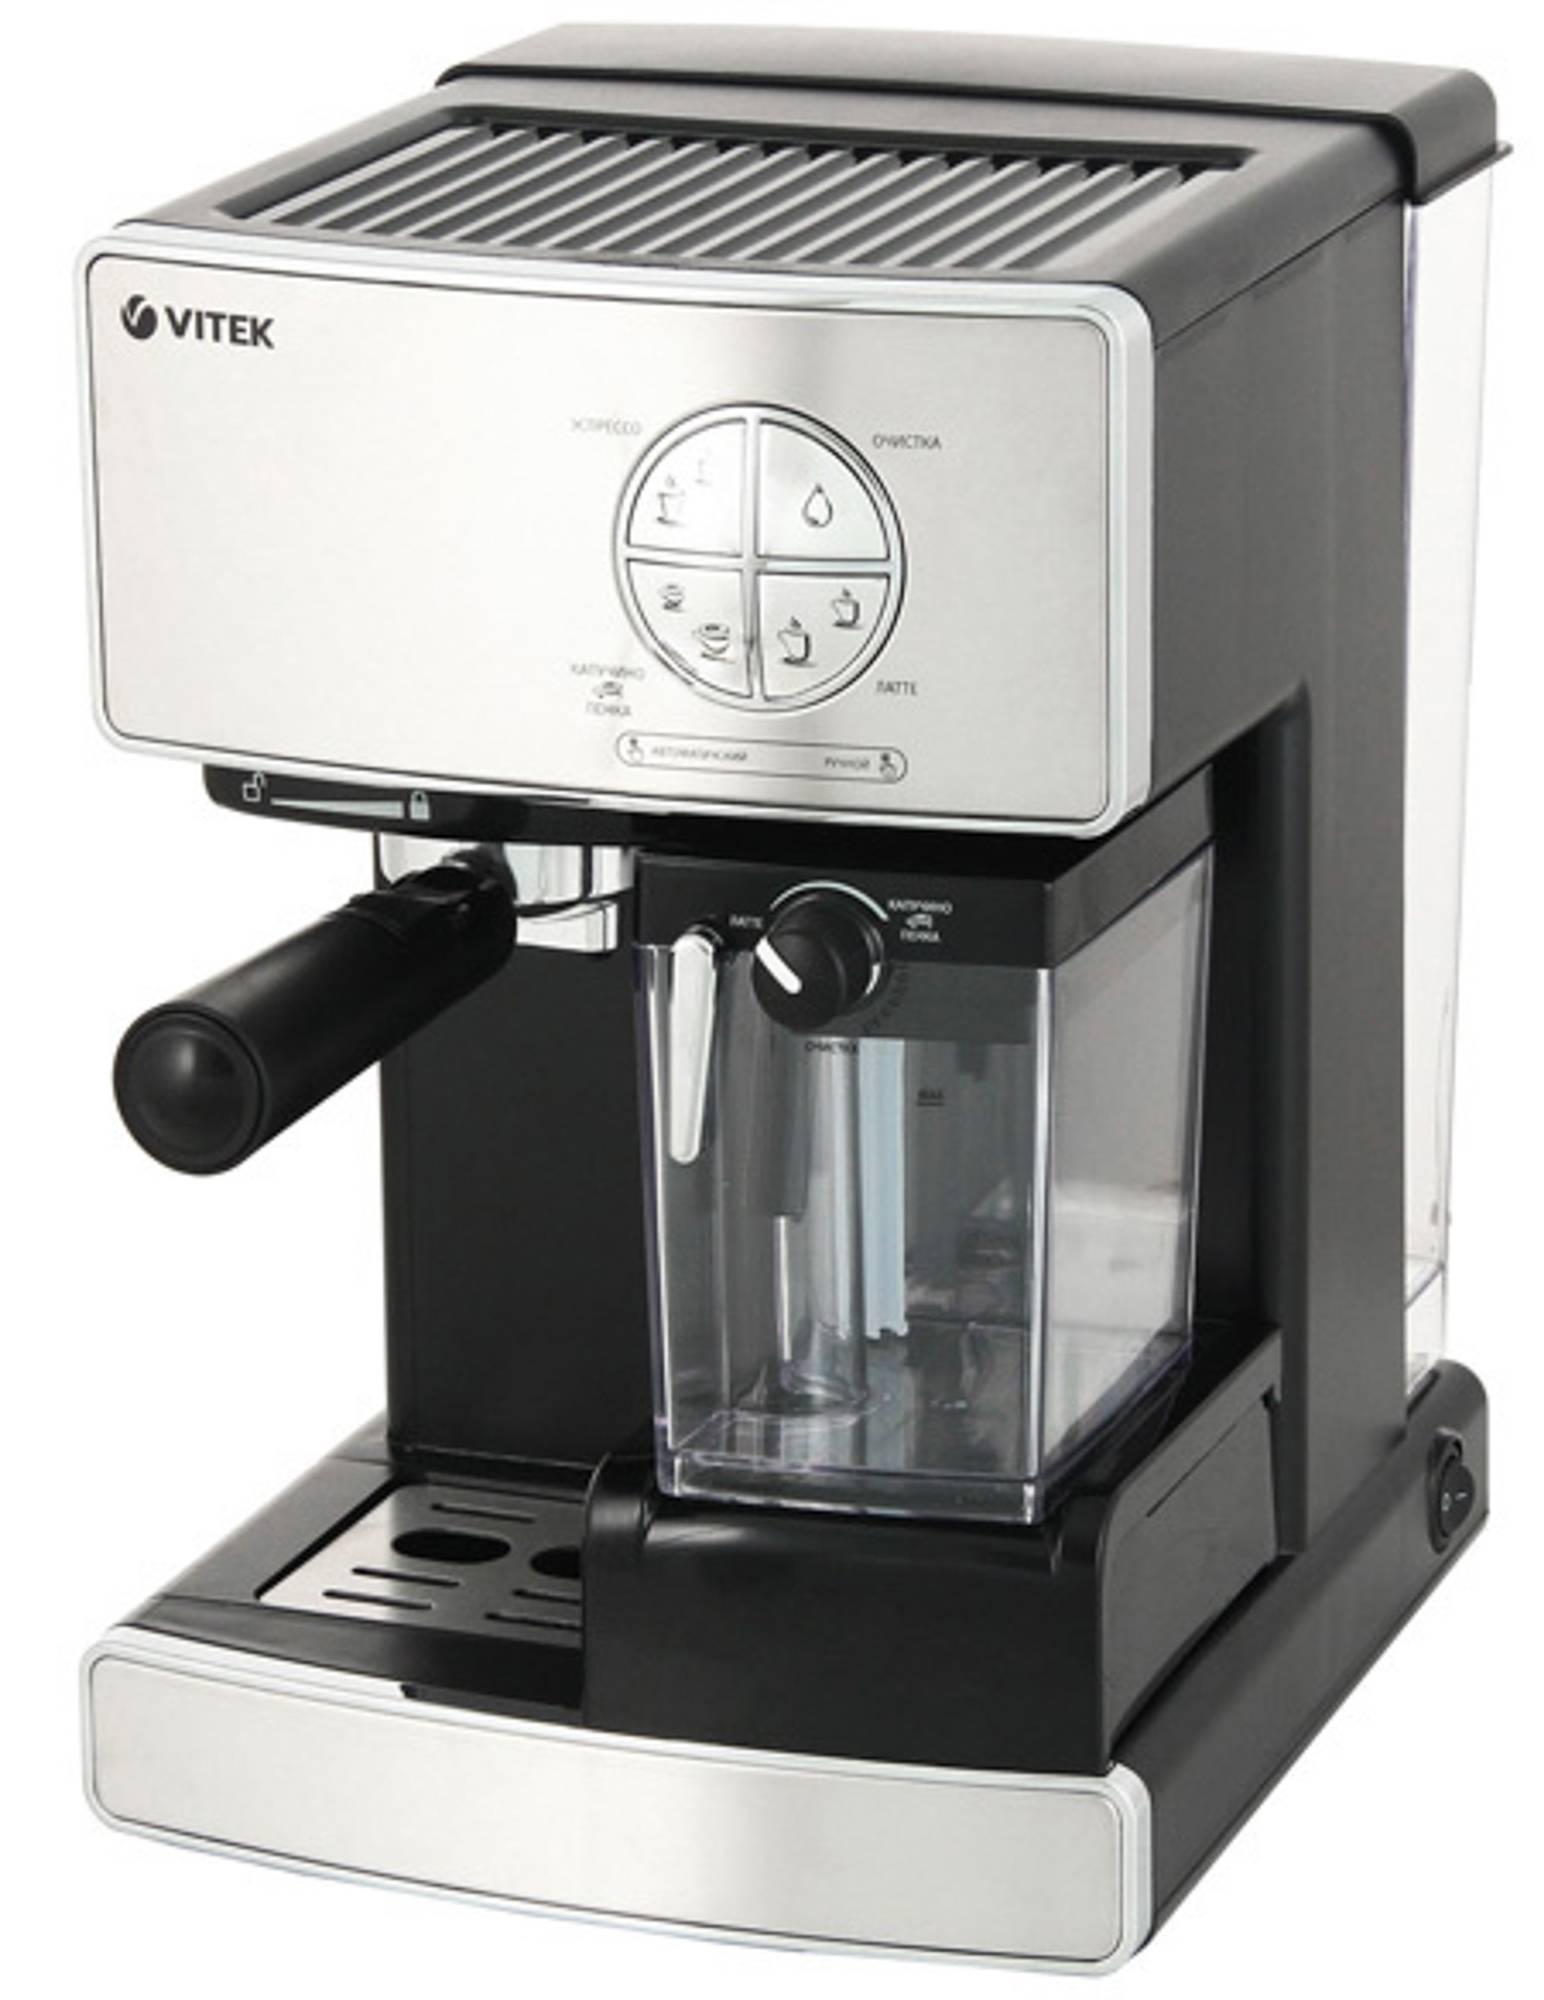 Новинка среди рожковых кофеварок с автоматическим капучинатором: vitek vt-1522 bk и её клоны redmond rcm-1511, garlyn l70 от эксперта